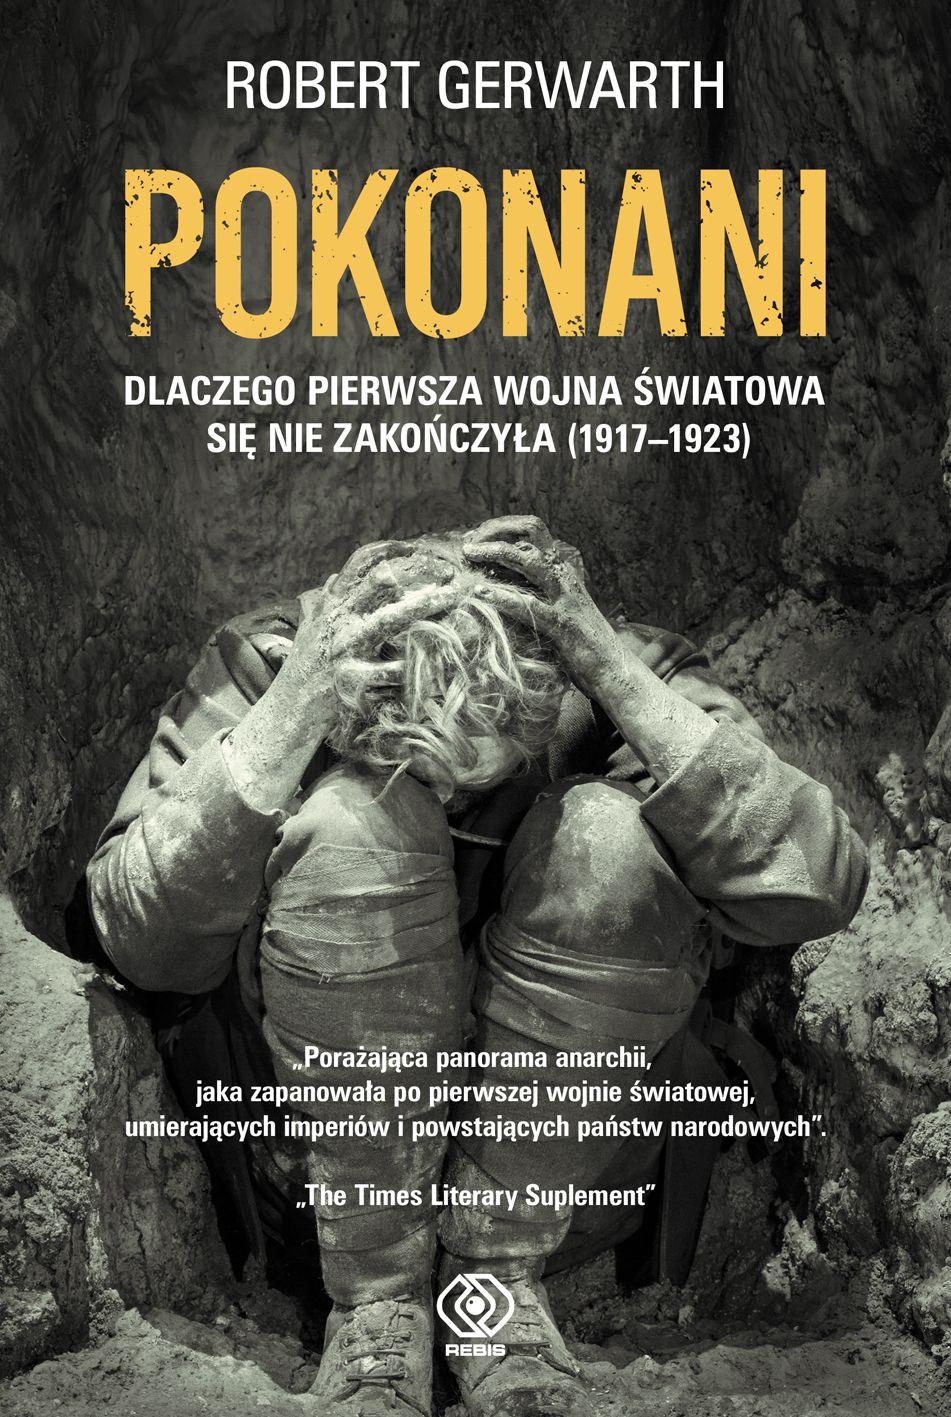 Kup książkę Roberta Gerwartha z rabatem na empik.com.